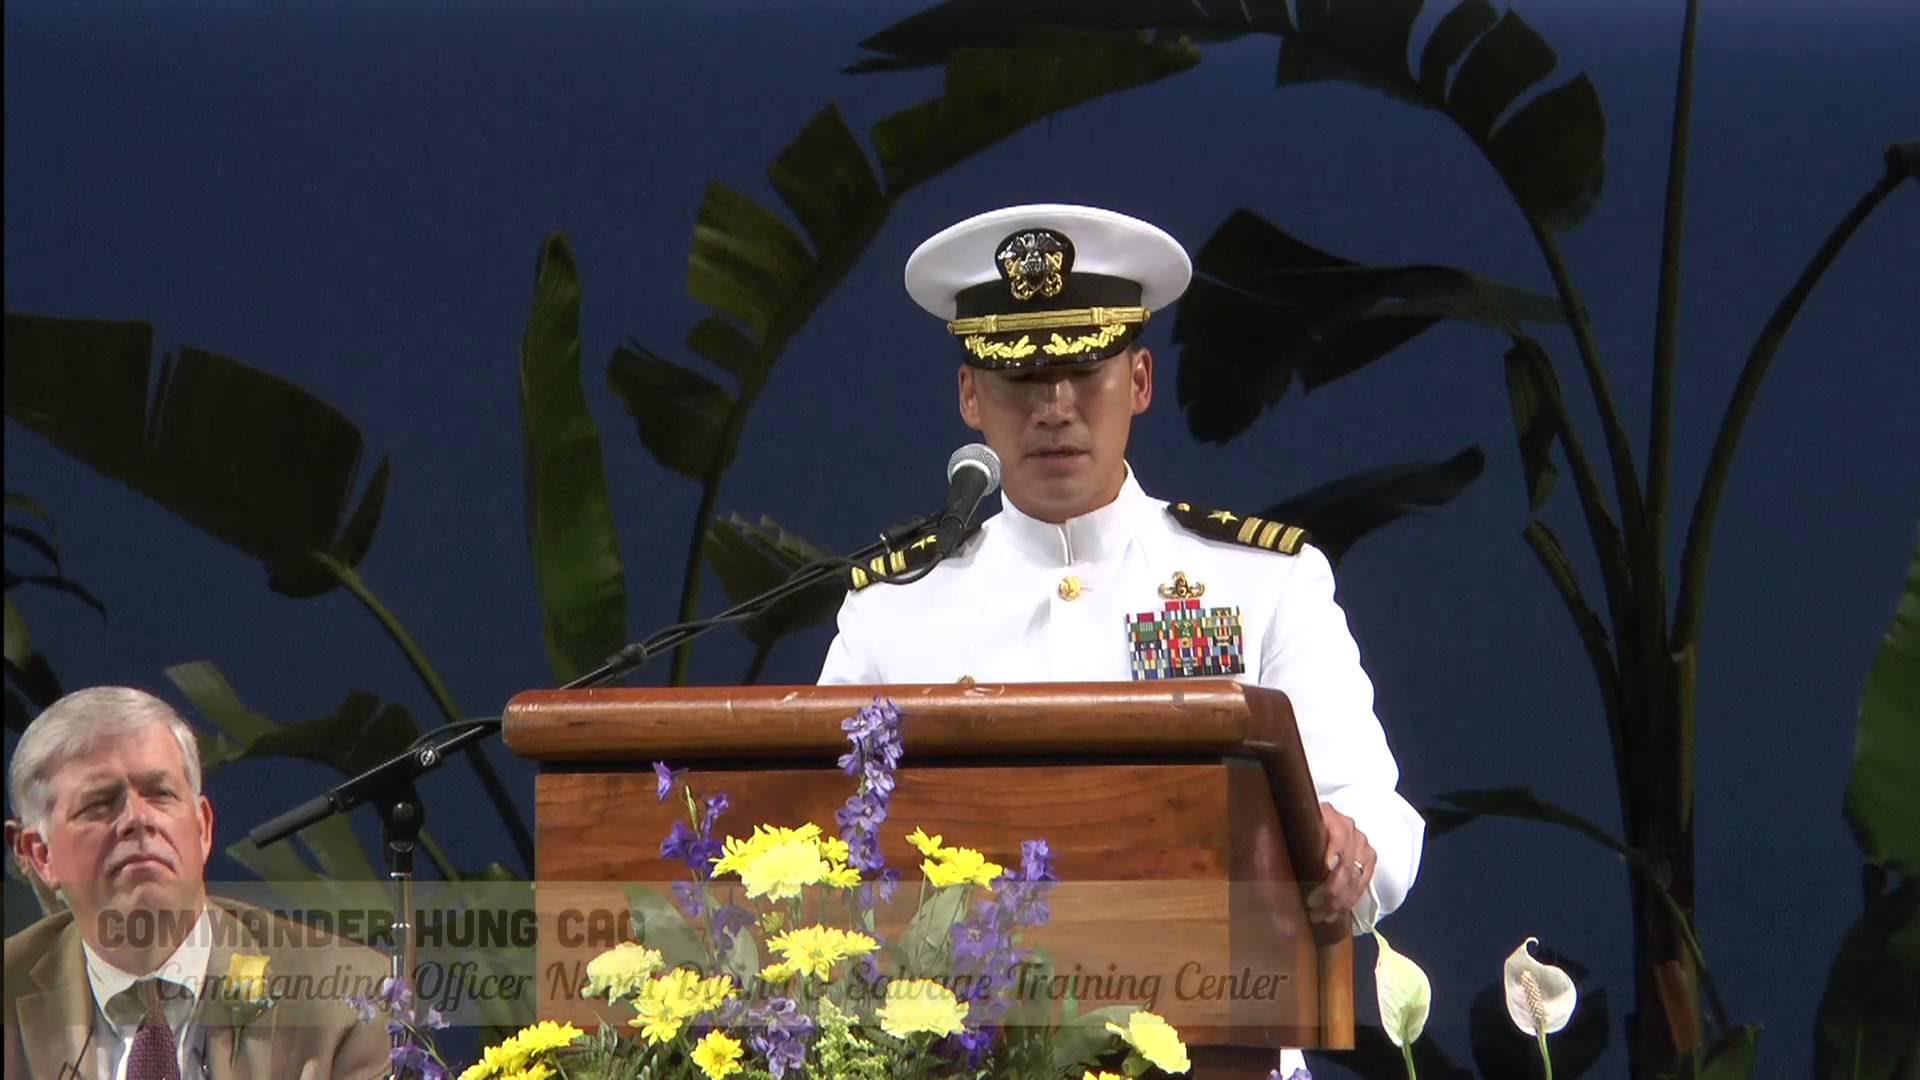 Hải Quân Trung Tá Cao Hùng được đề cử thăng cấp Đại Tá